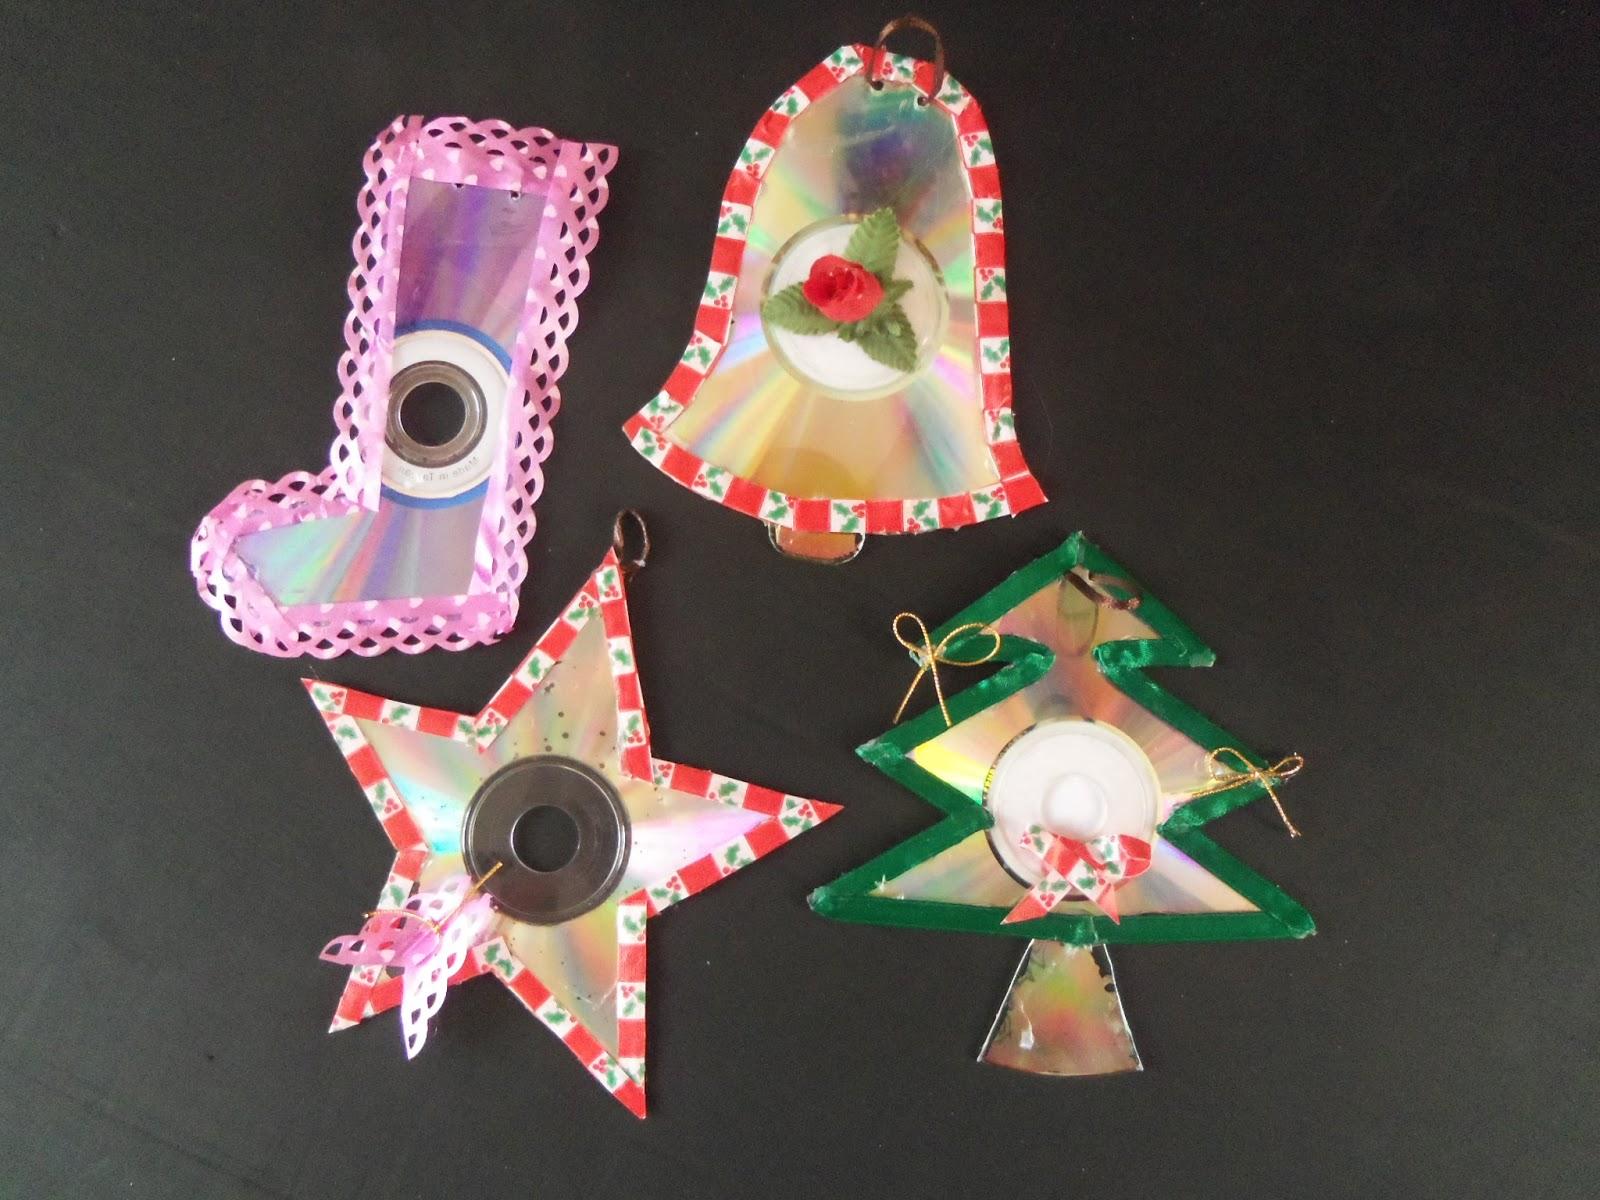 Reciclaje con Artesania: Adornos navideños de CD reciclados